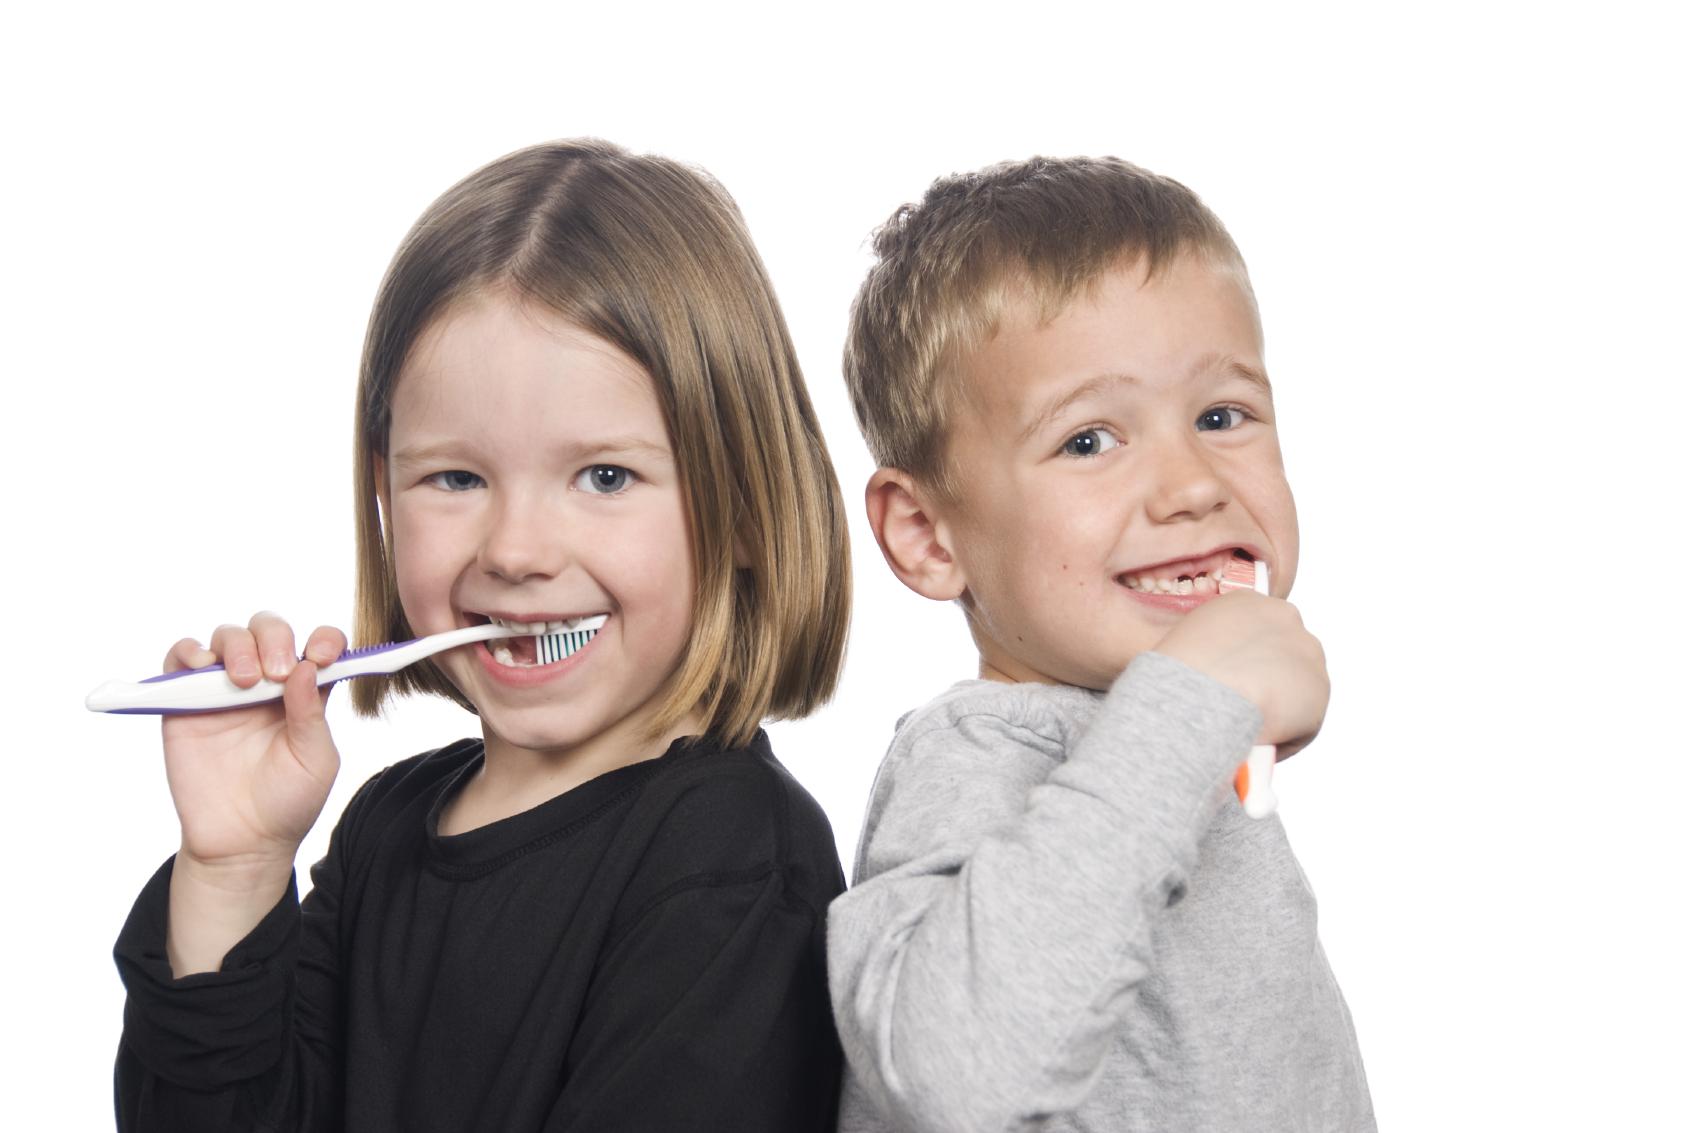 kids-brushing-teeth_000009141562Medium